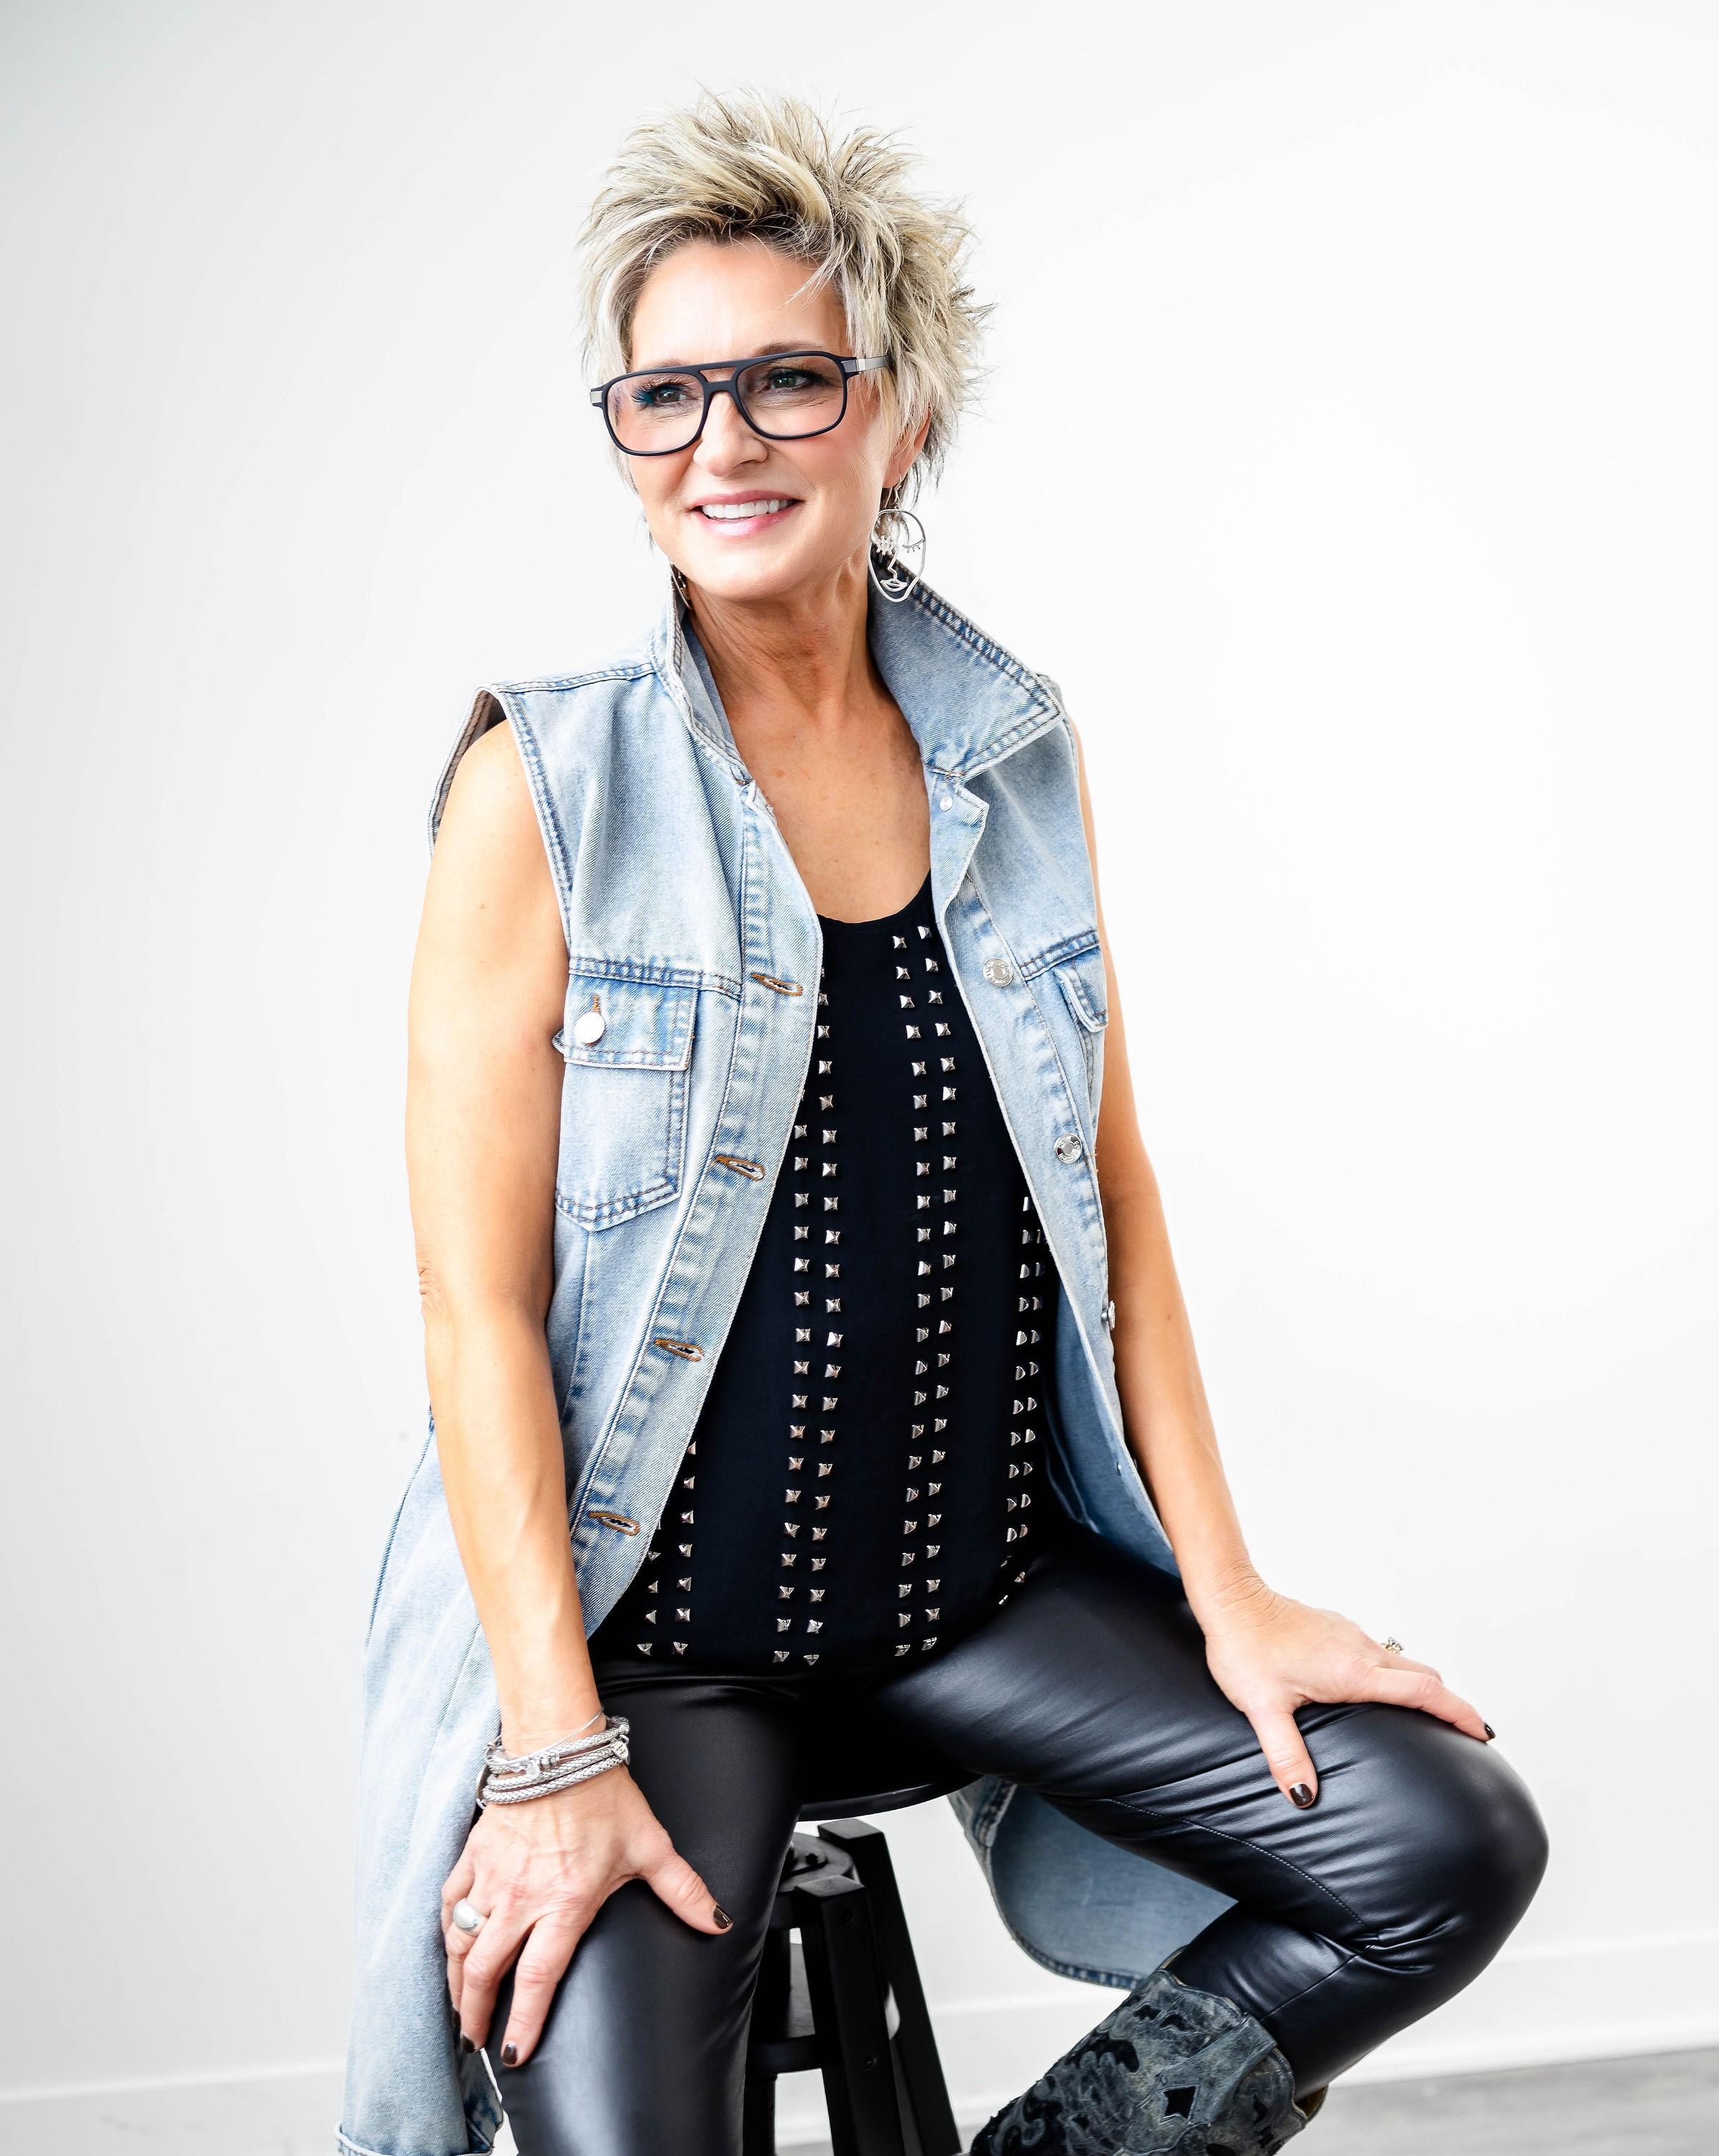 Tina T. Lockner